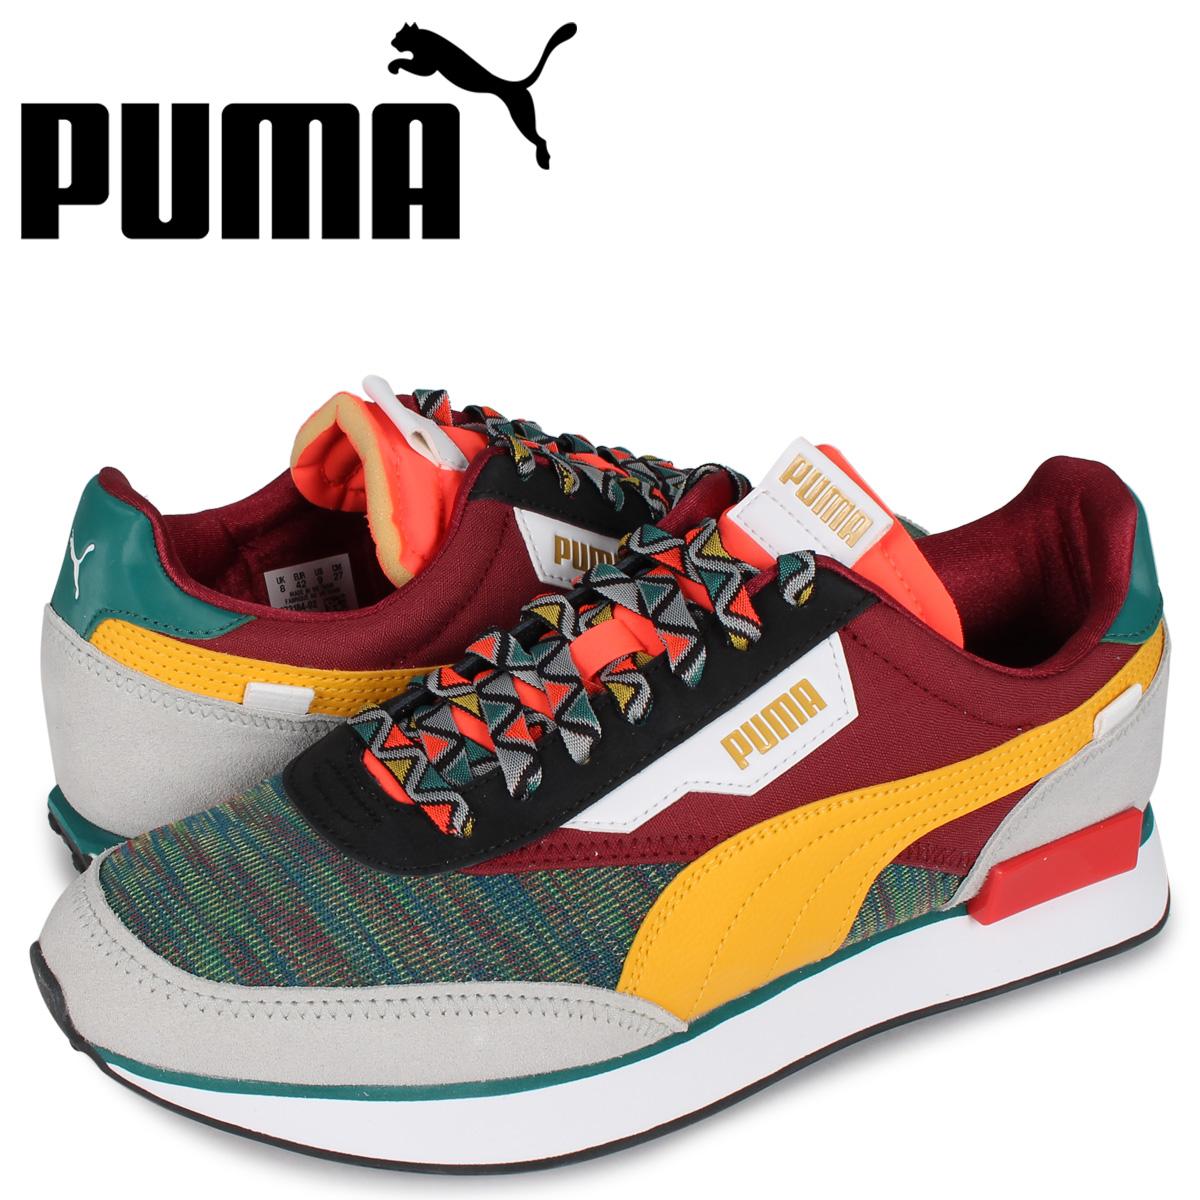 プーマ PUMA フューチャー ライダー スニーカー メンズ FUTURE RIDER MIX グリーン 37318402 [4/8 新入荷]